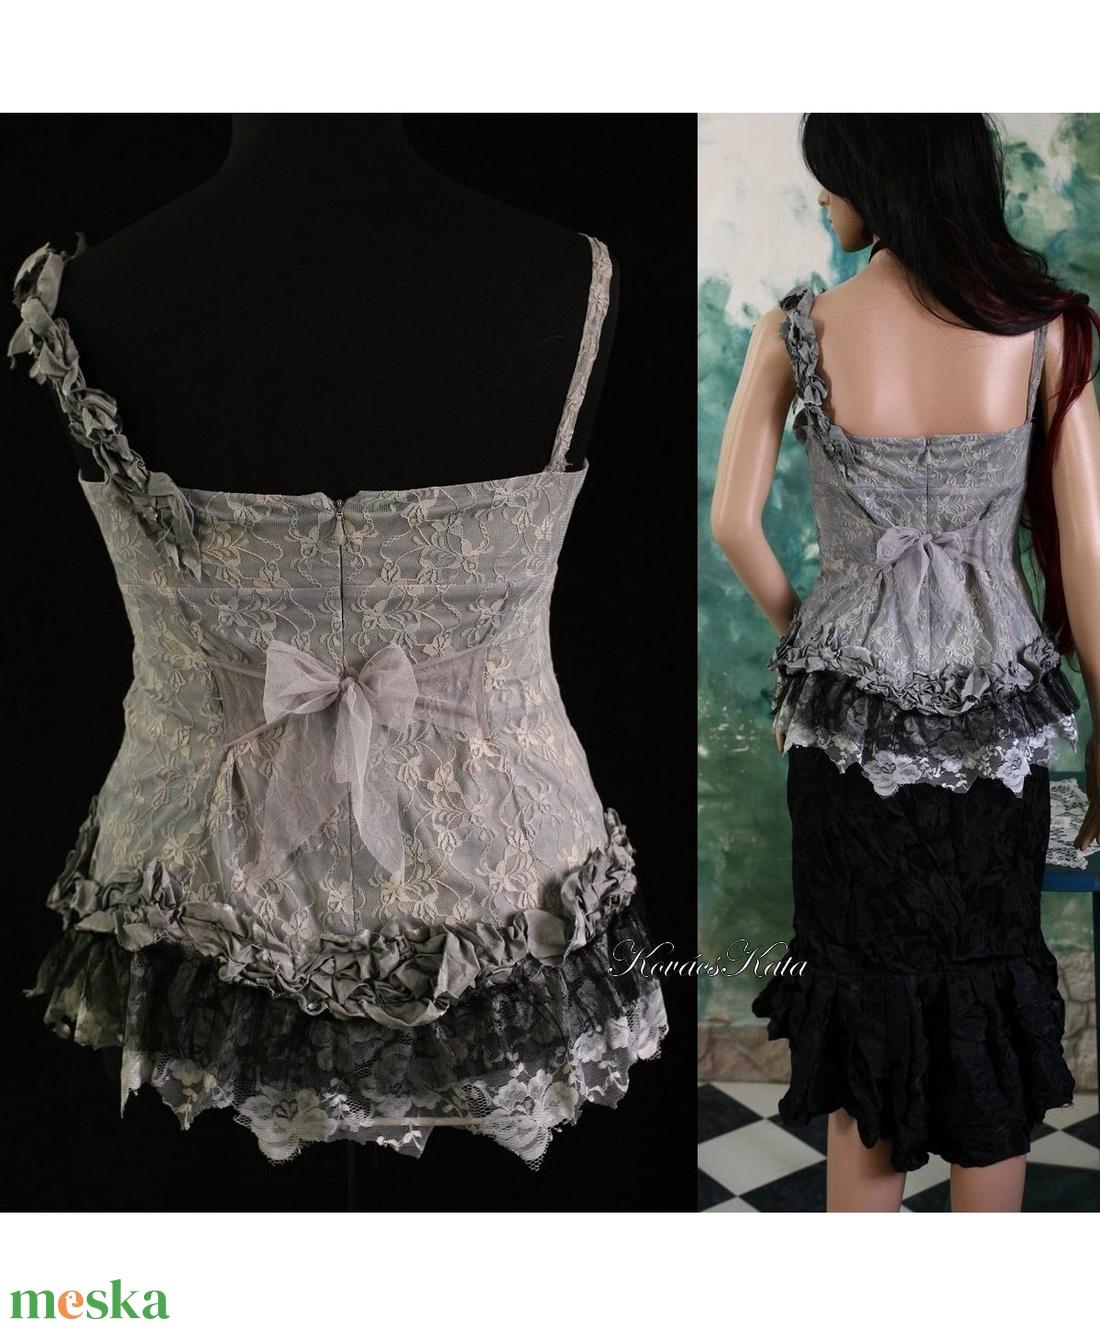 TÉLIKERT - artsy kollázs felső - ruha & divat - női ruha - alkalmi ruha & estélyi ruha - Meska.hu